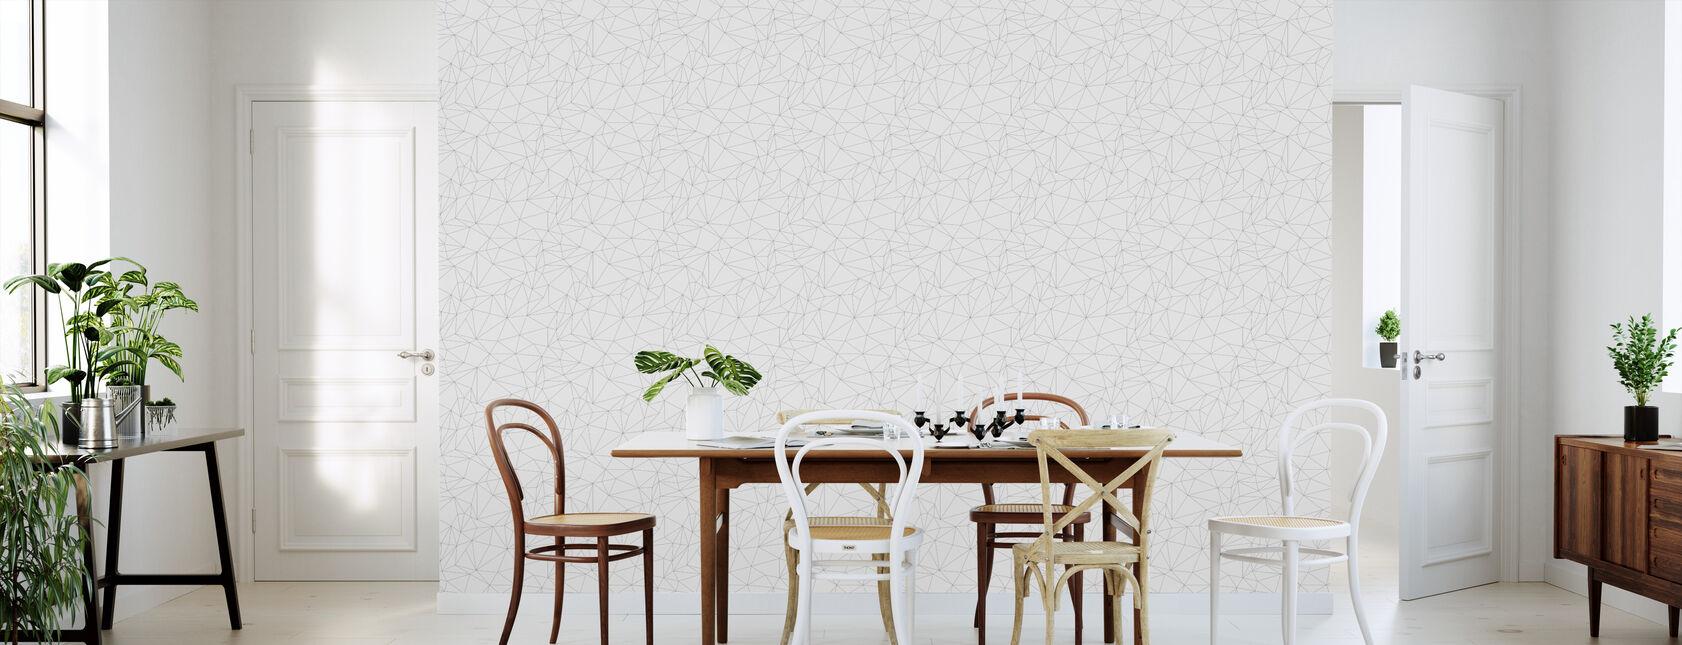 Grafo - White - Wallpaper - Kitchen